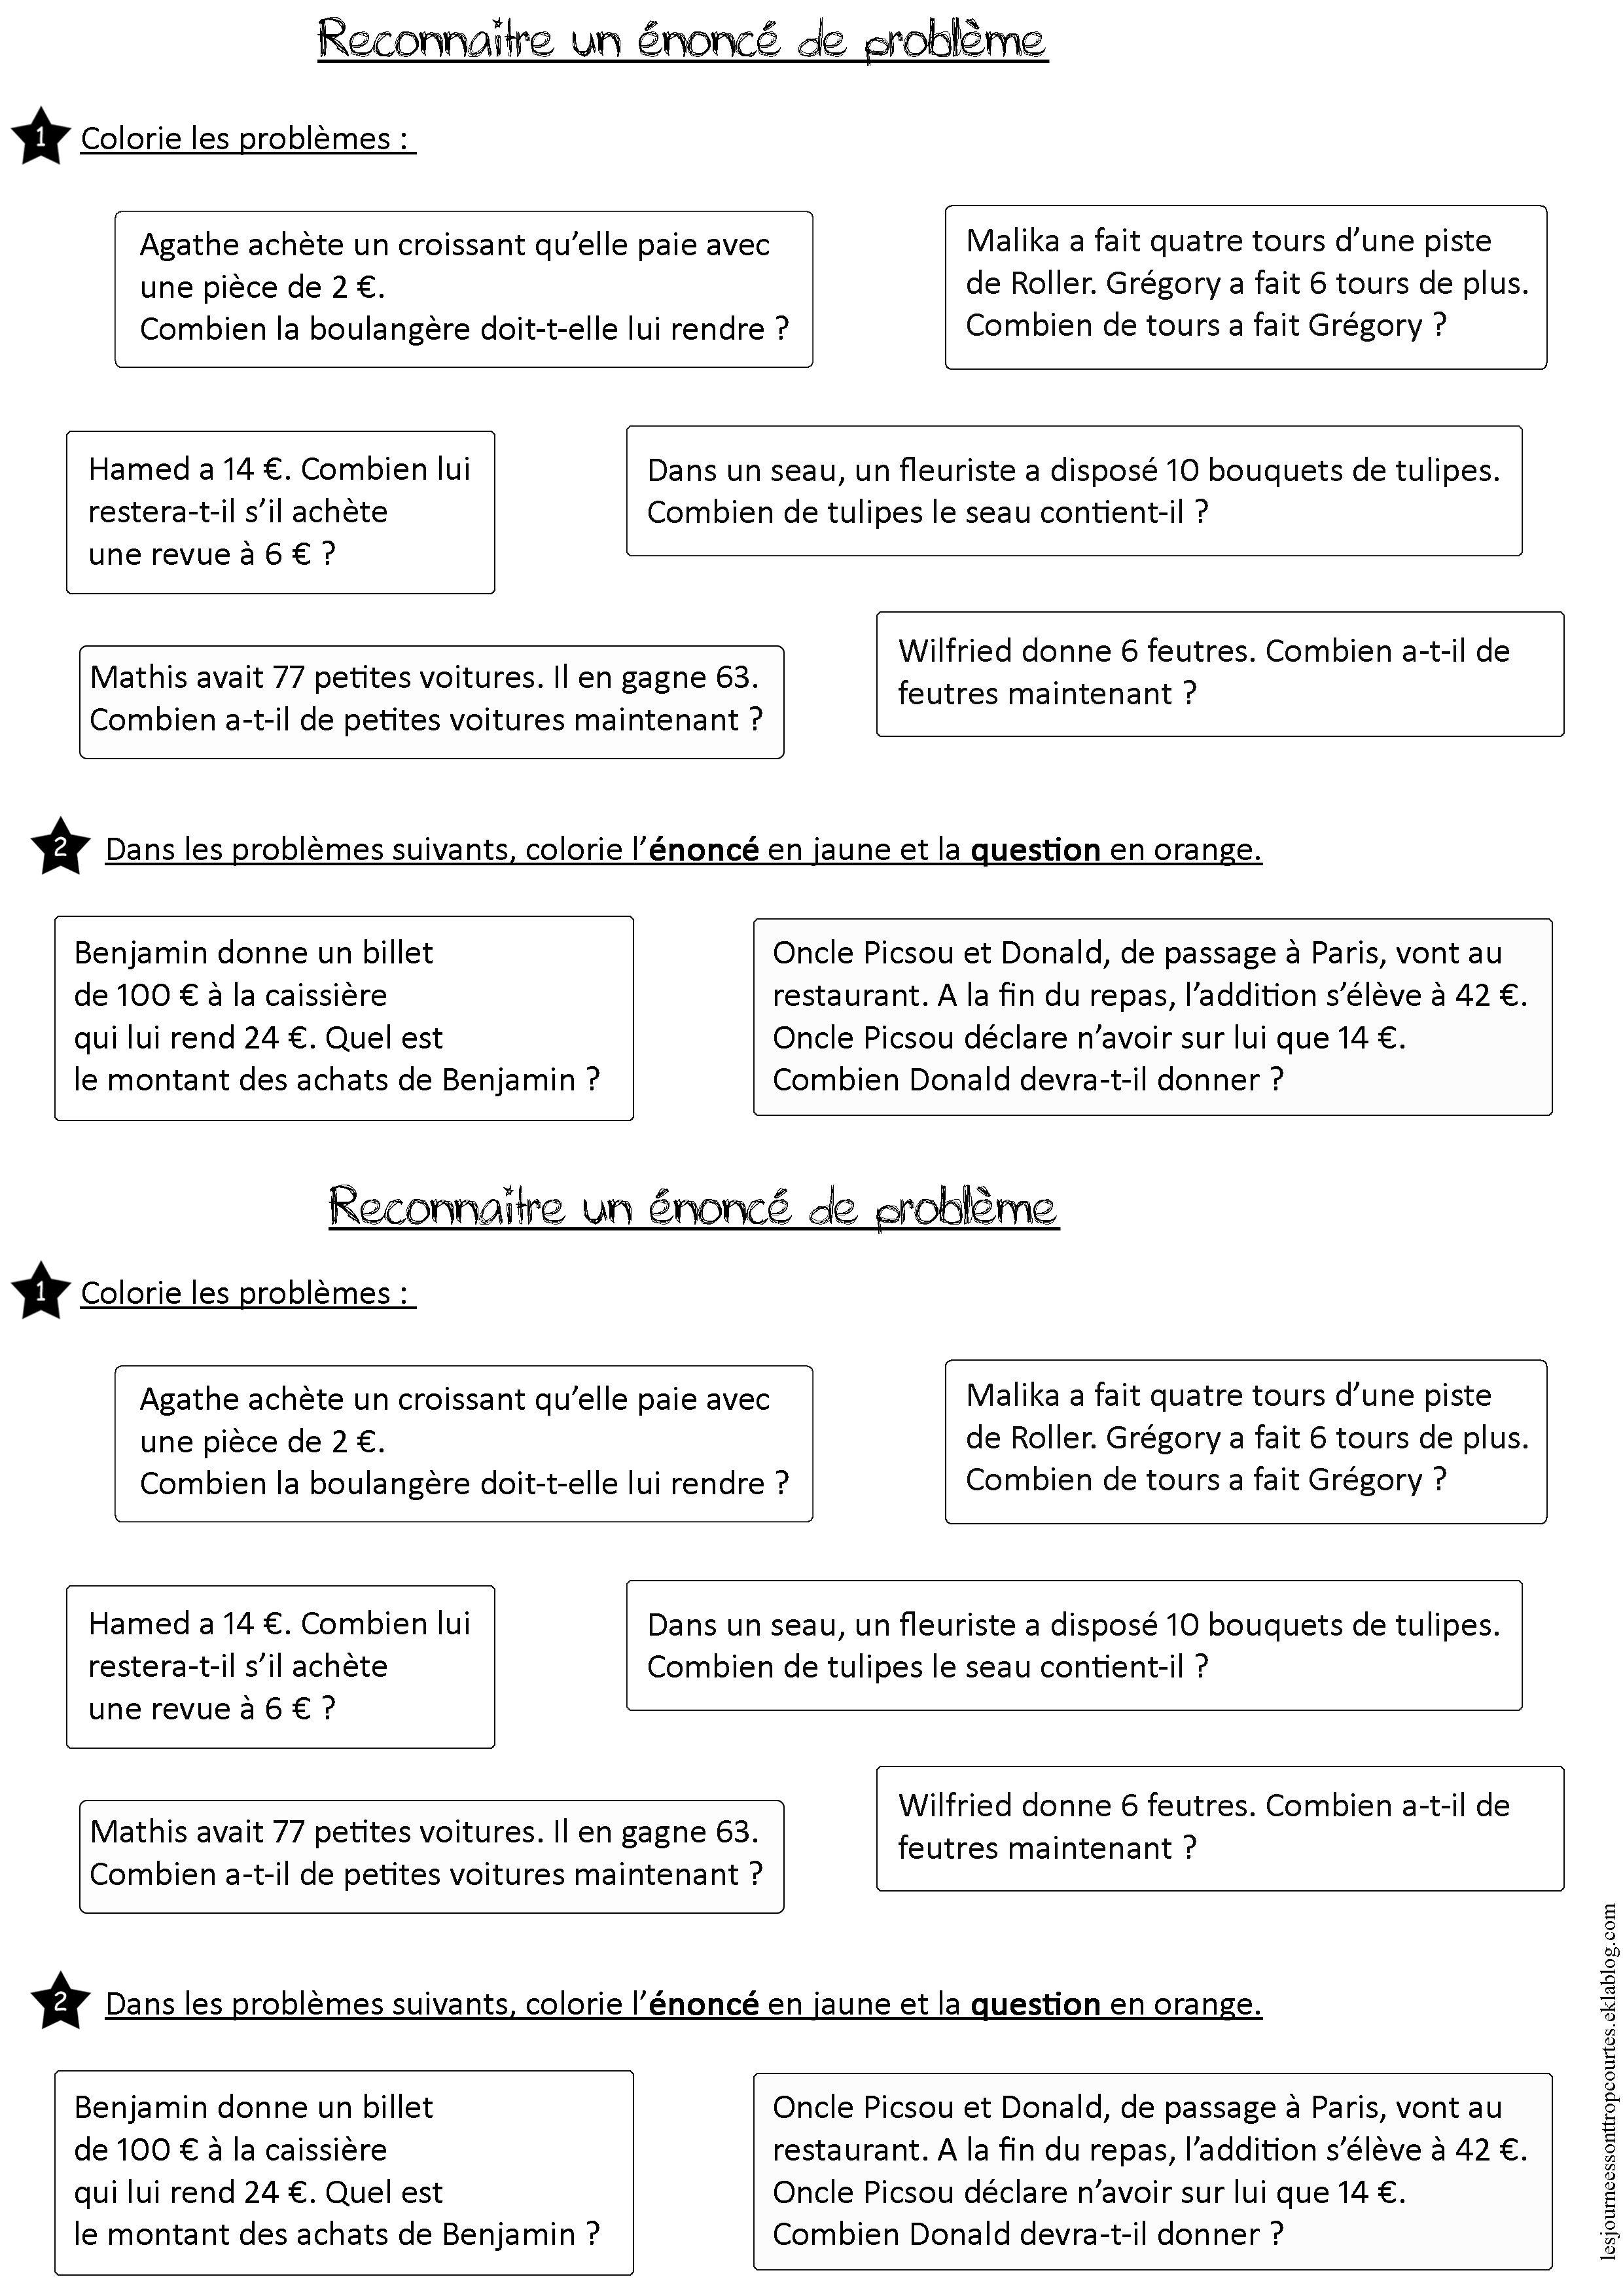 Elaborer Des Strategies Pour La Lecture D Enonces De Problemes Ce2 Problemes Ce2 Lecture Ce2